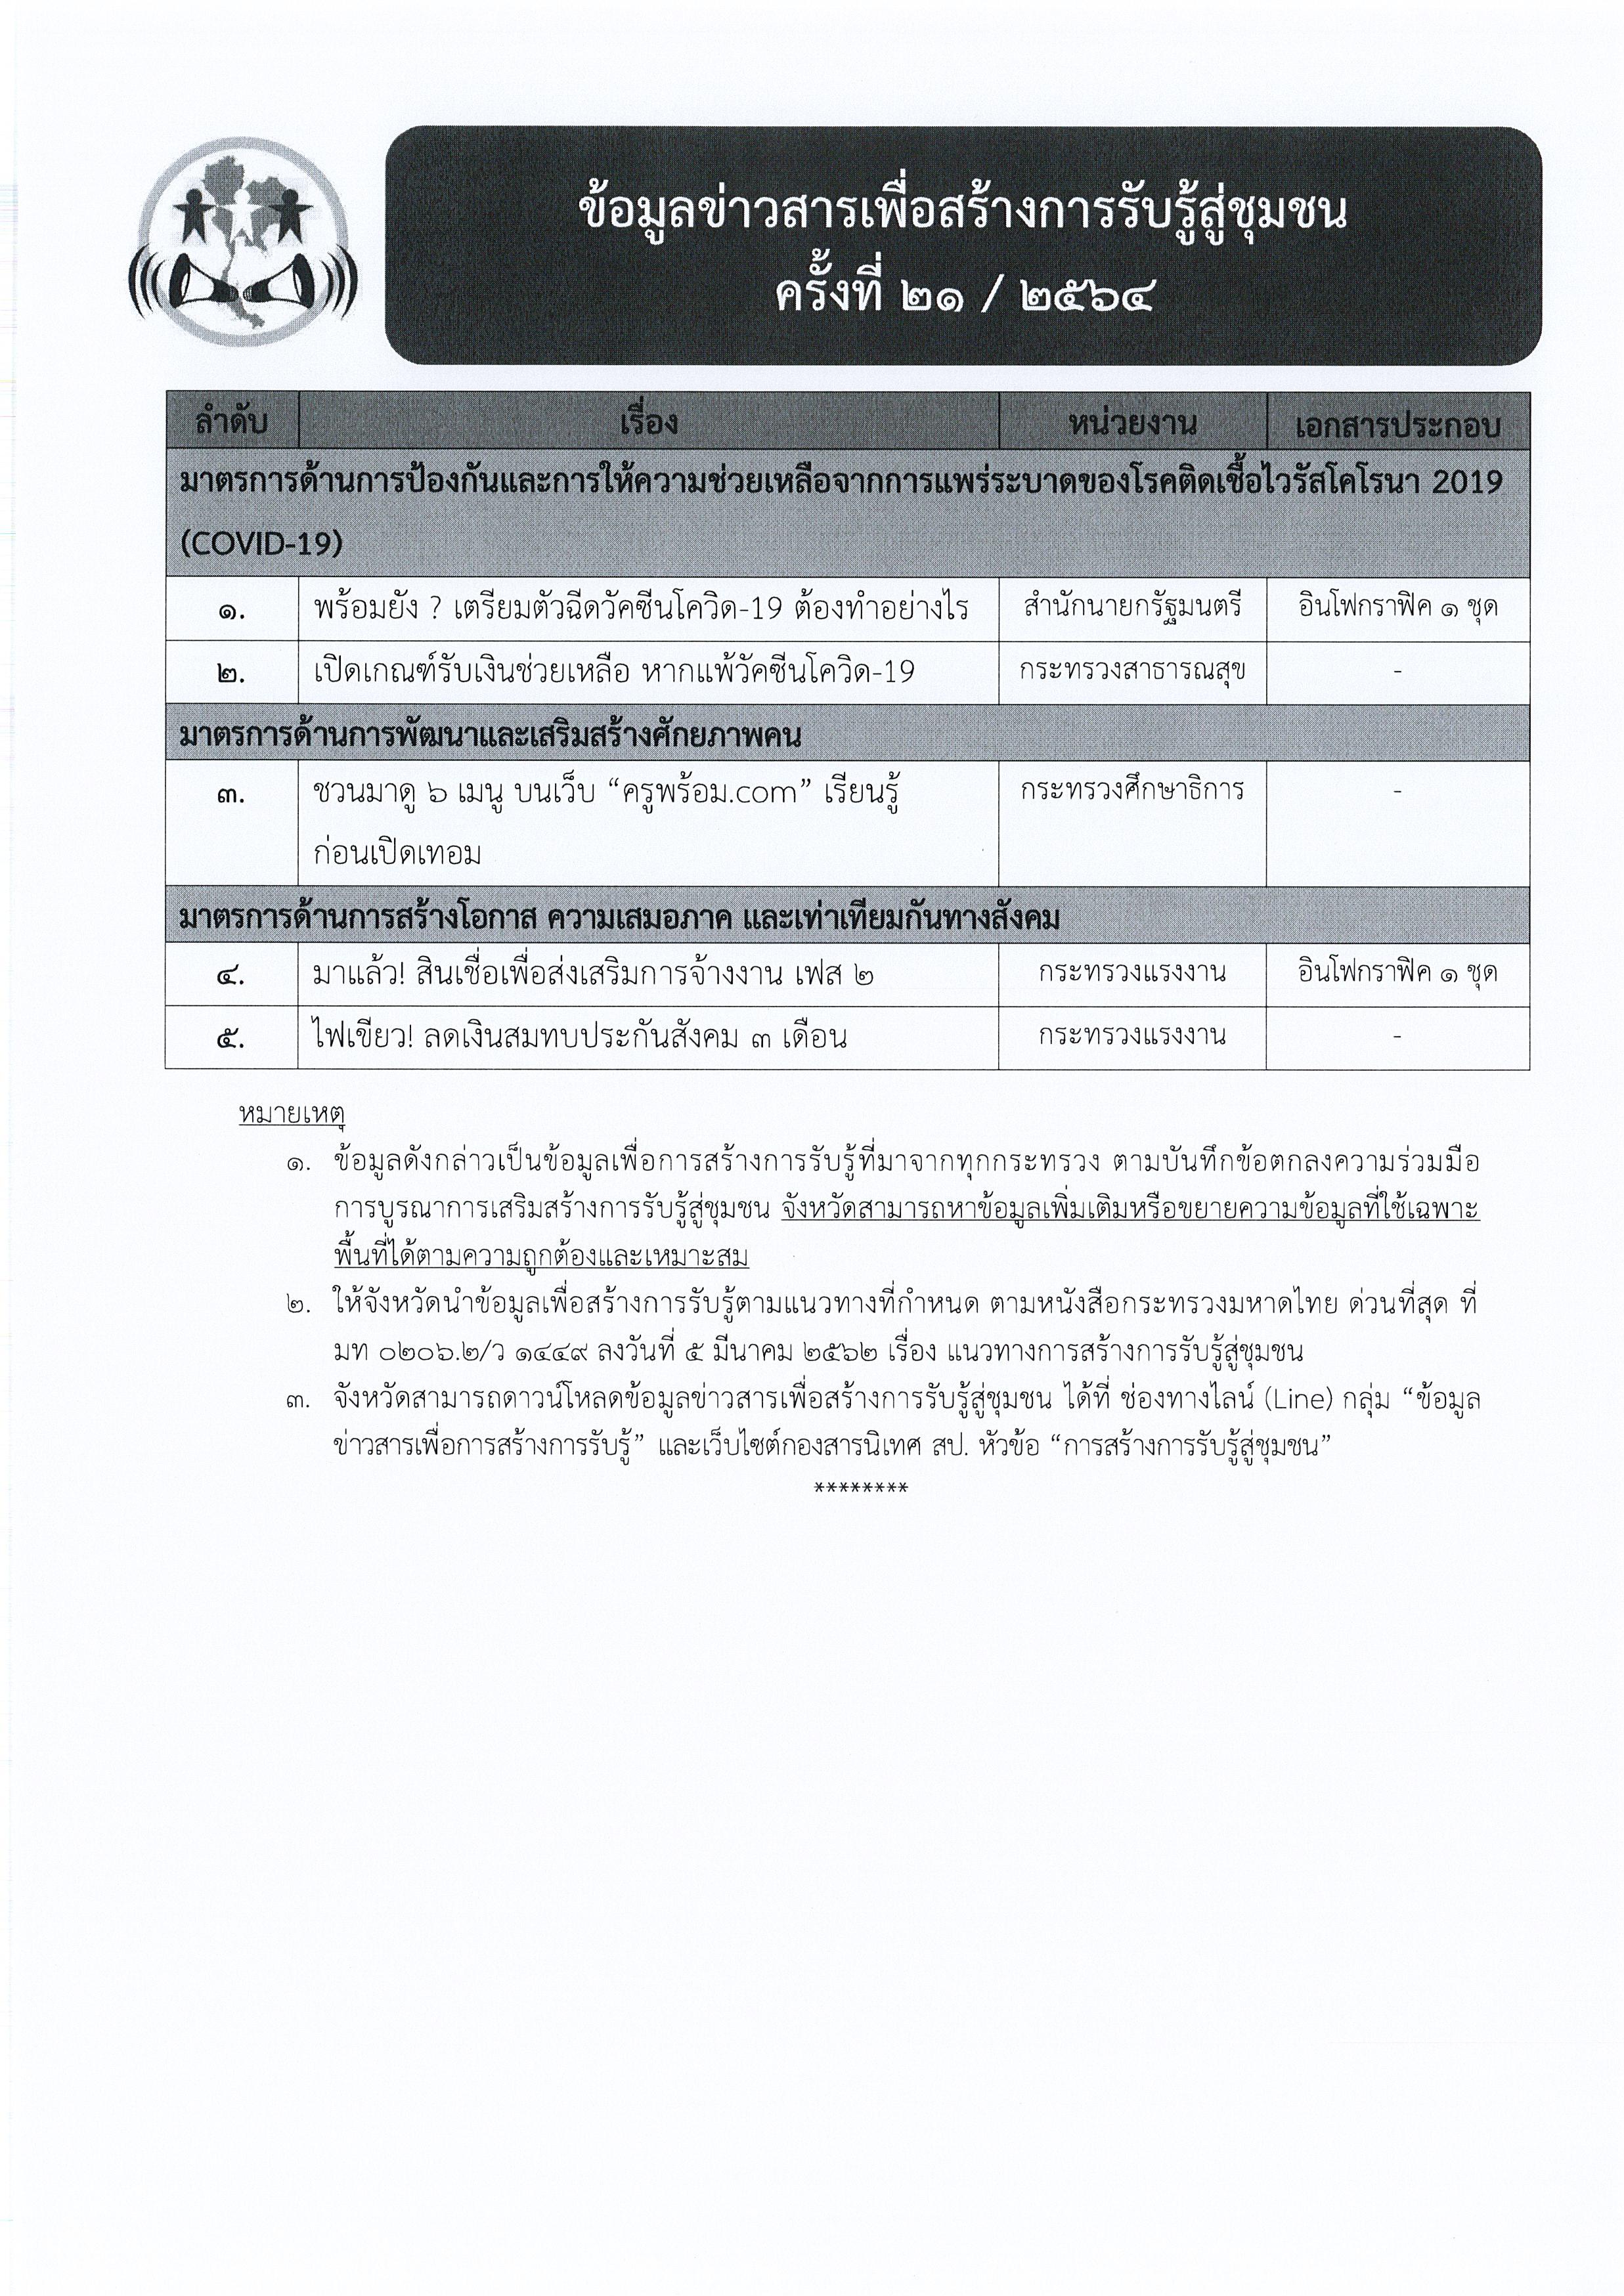 ข้อมูลข่าวสารเพื่อสร้างการรับรู้สู่ชุมชุน ครั้งที่ 21/2564